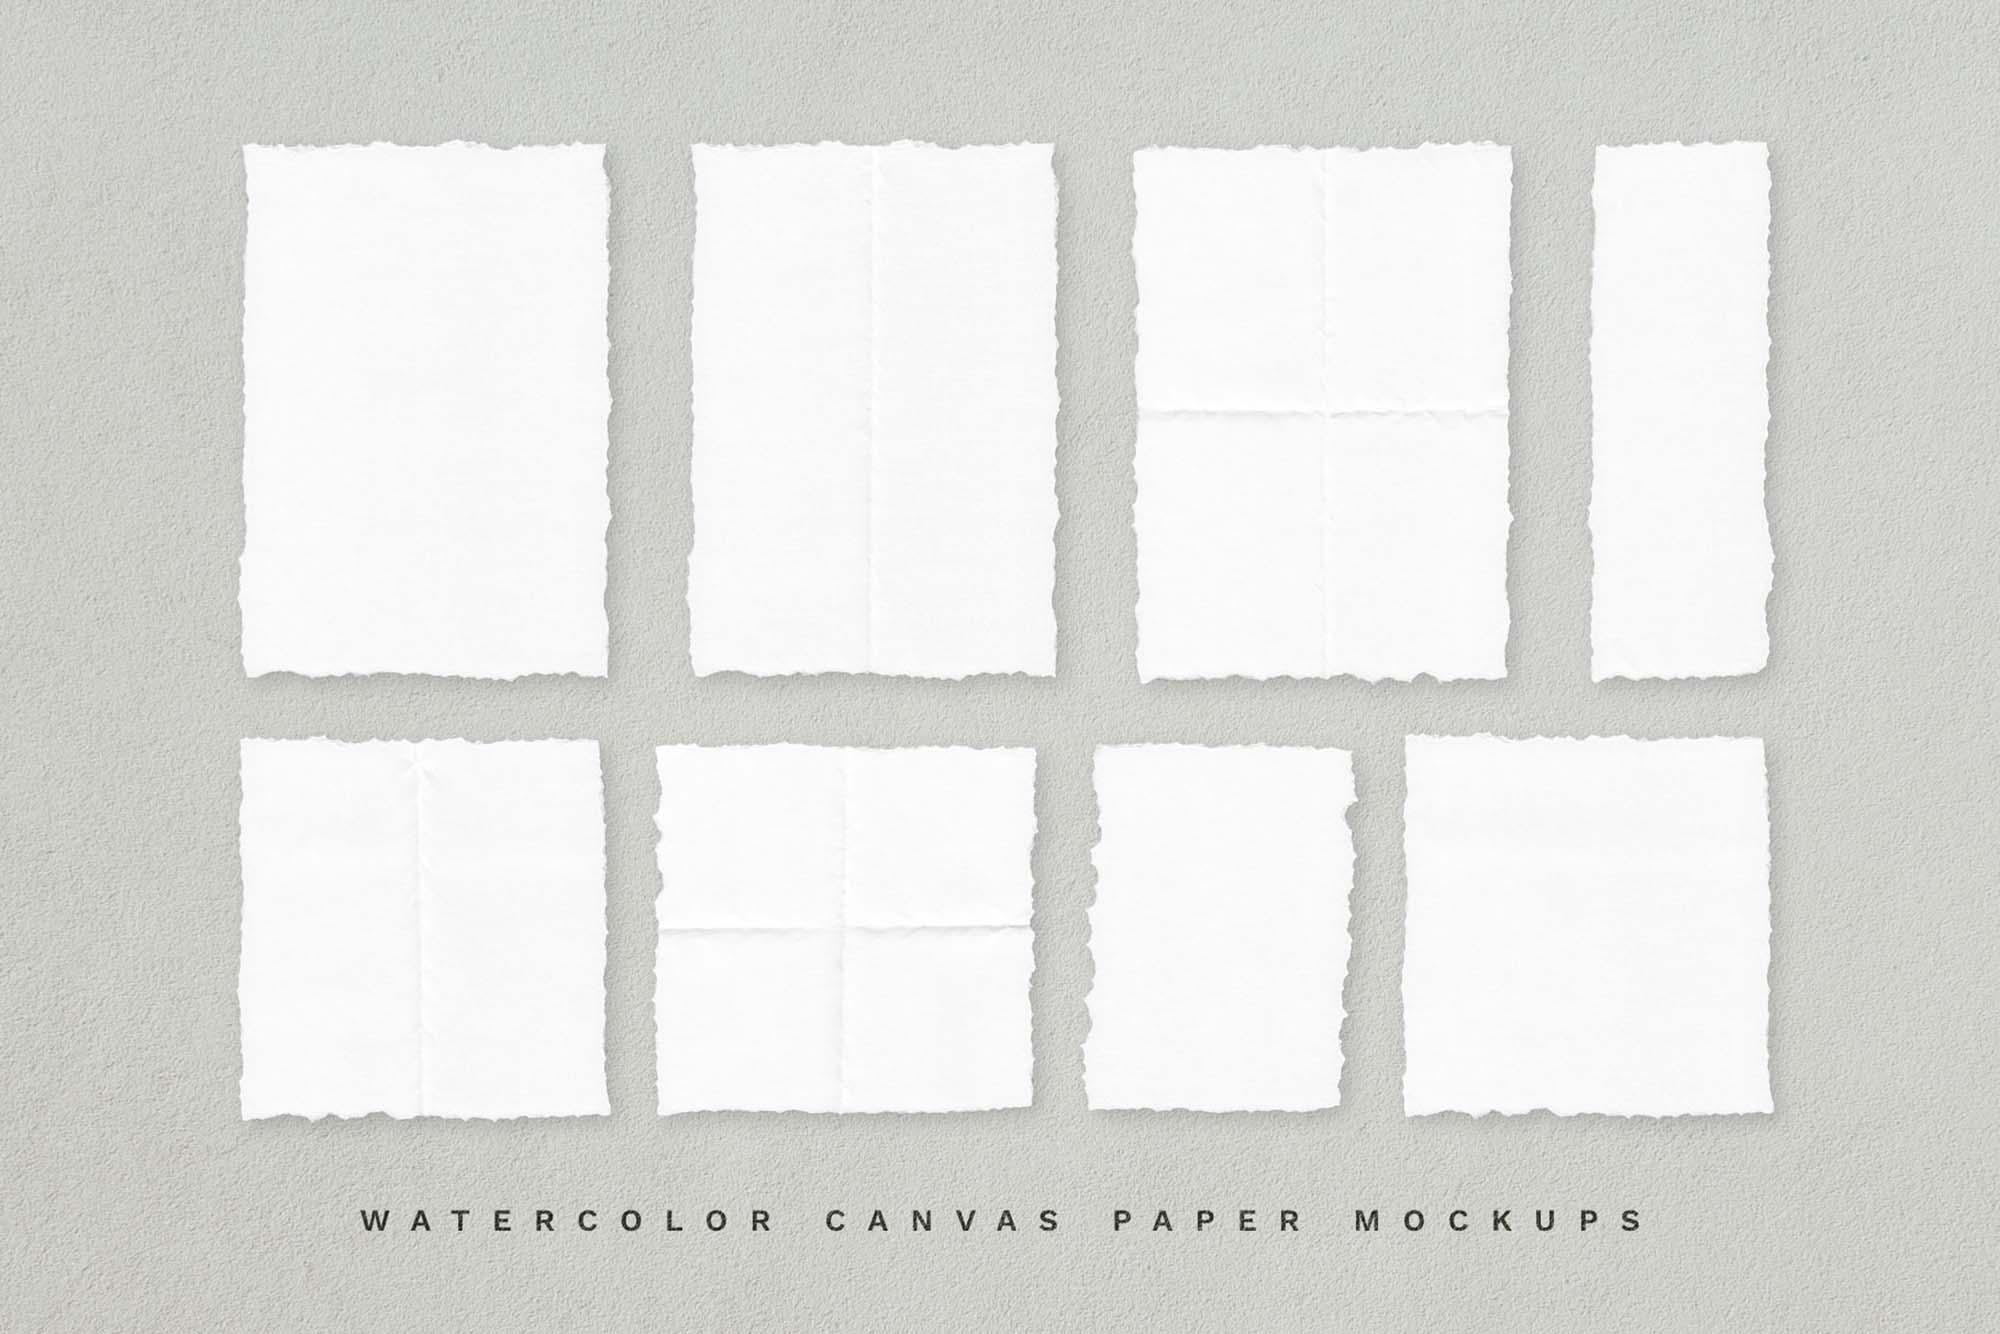 Deckle Paper Mockup